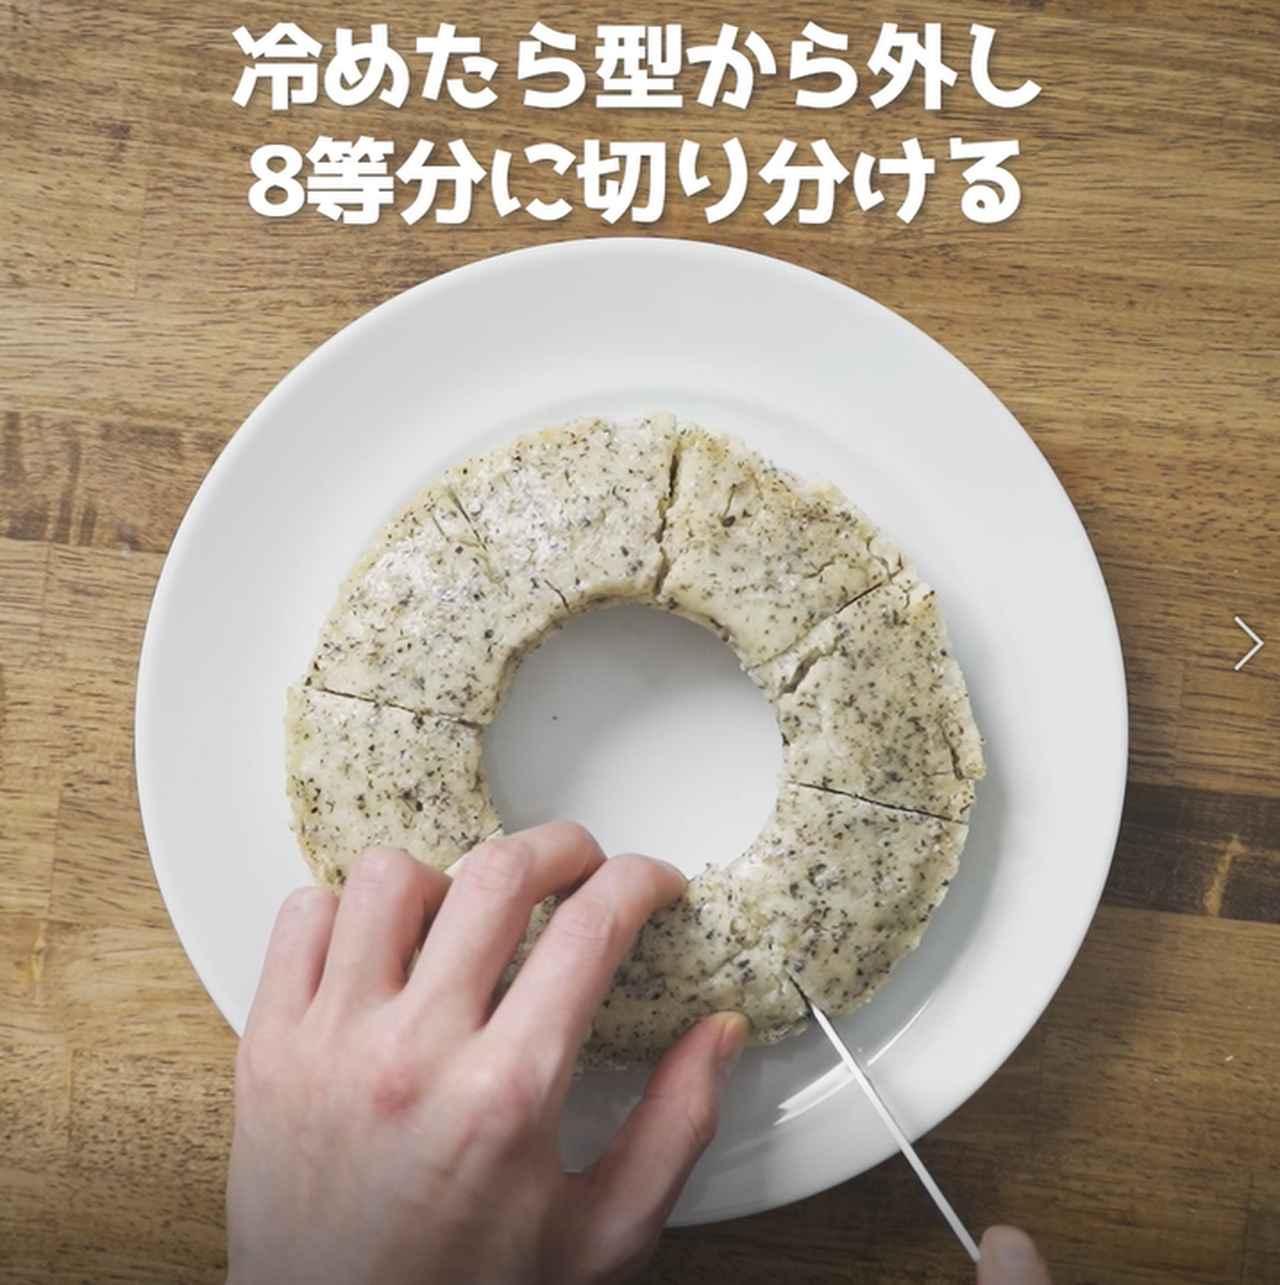 画像14: 特定原材料7品目不使用 レシピ